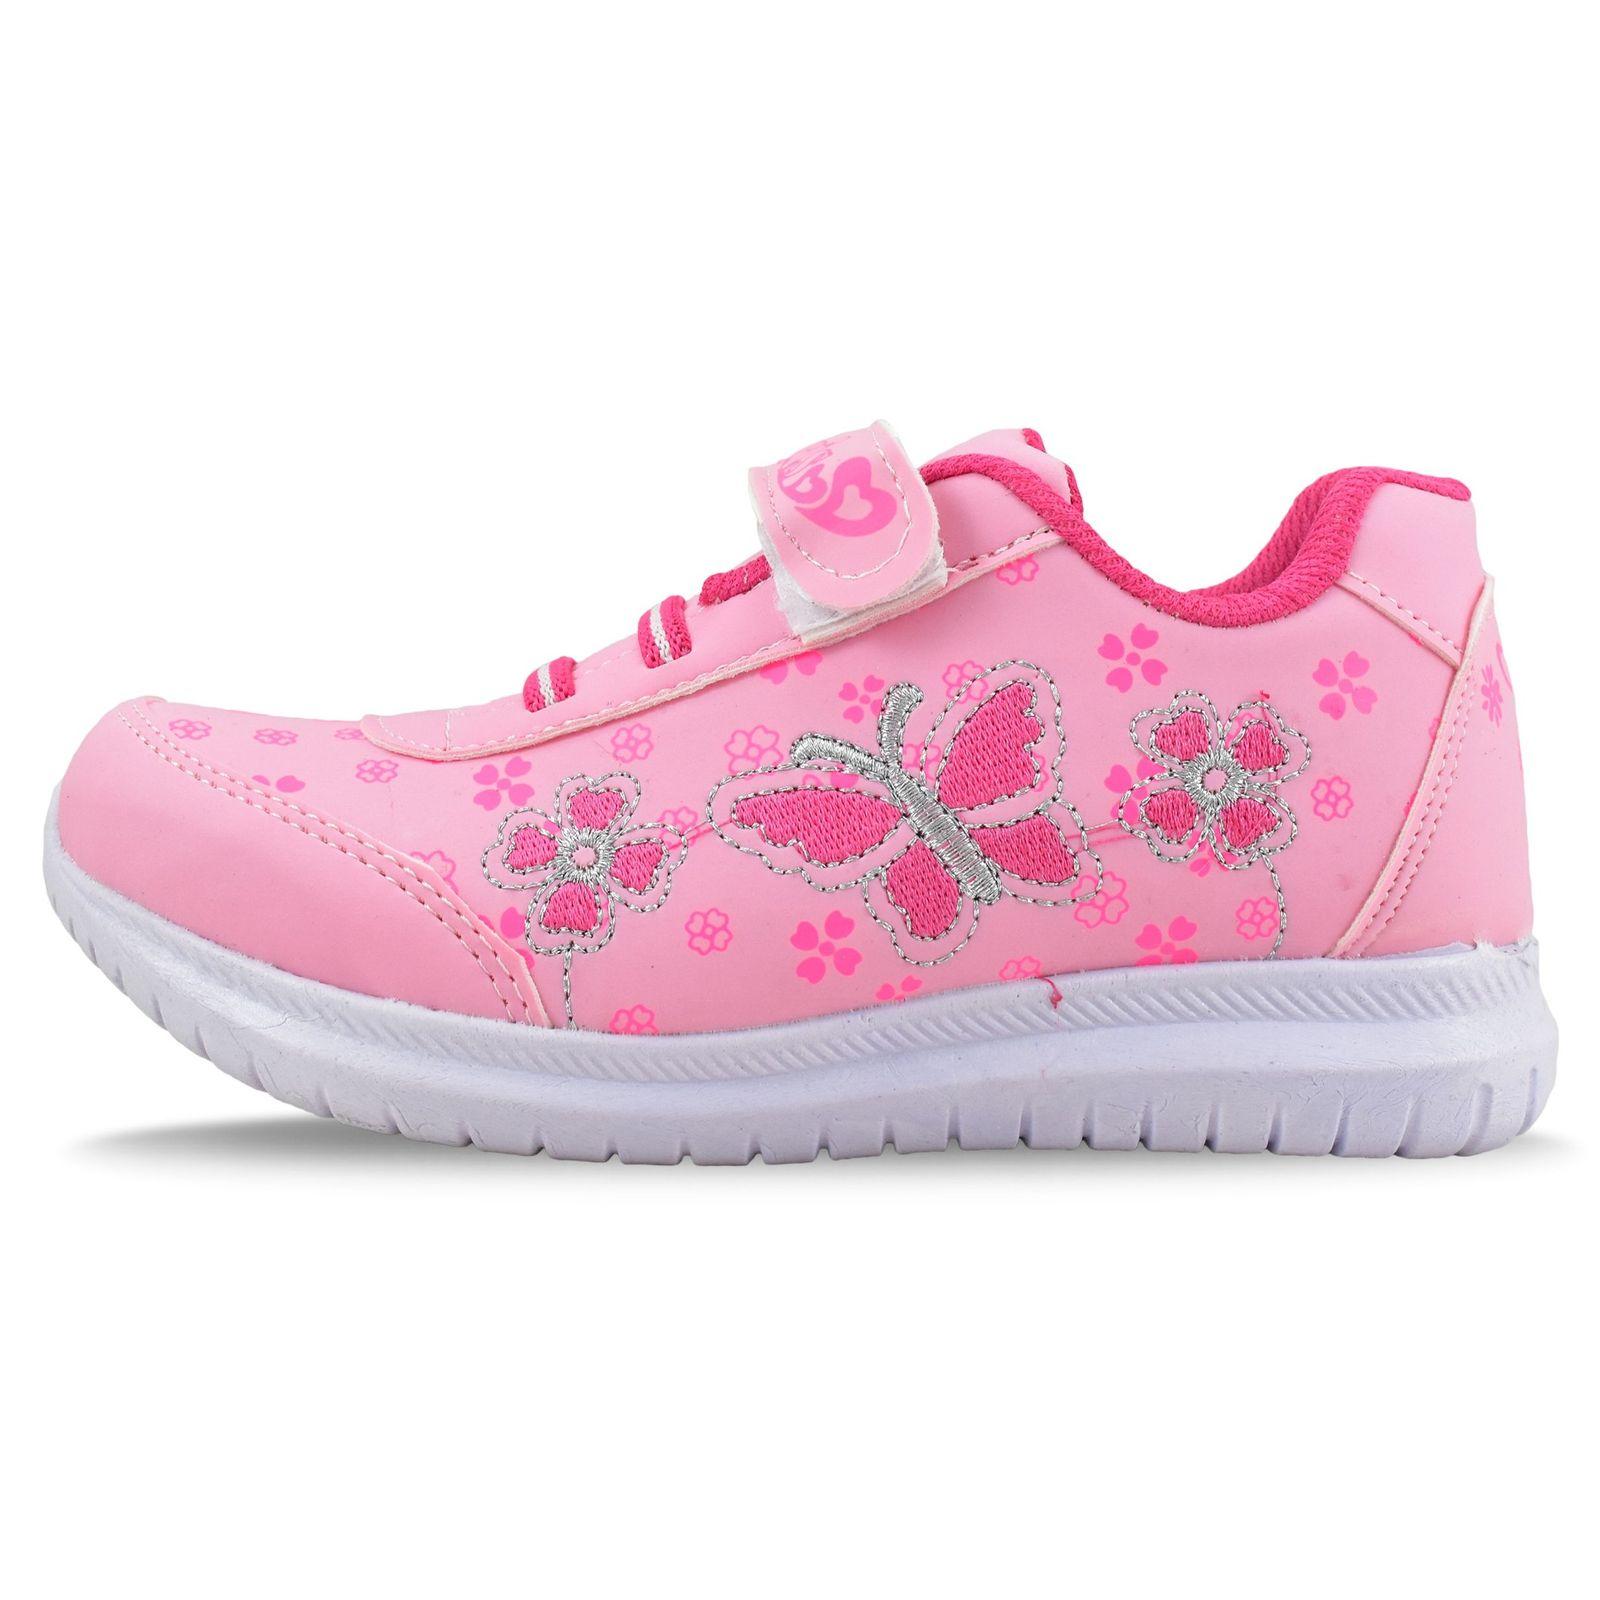 کفش ورزشی دخترانه طرح پروانه کد 4444 main 1 1